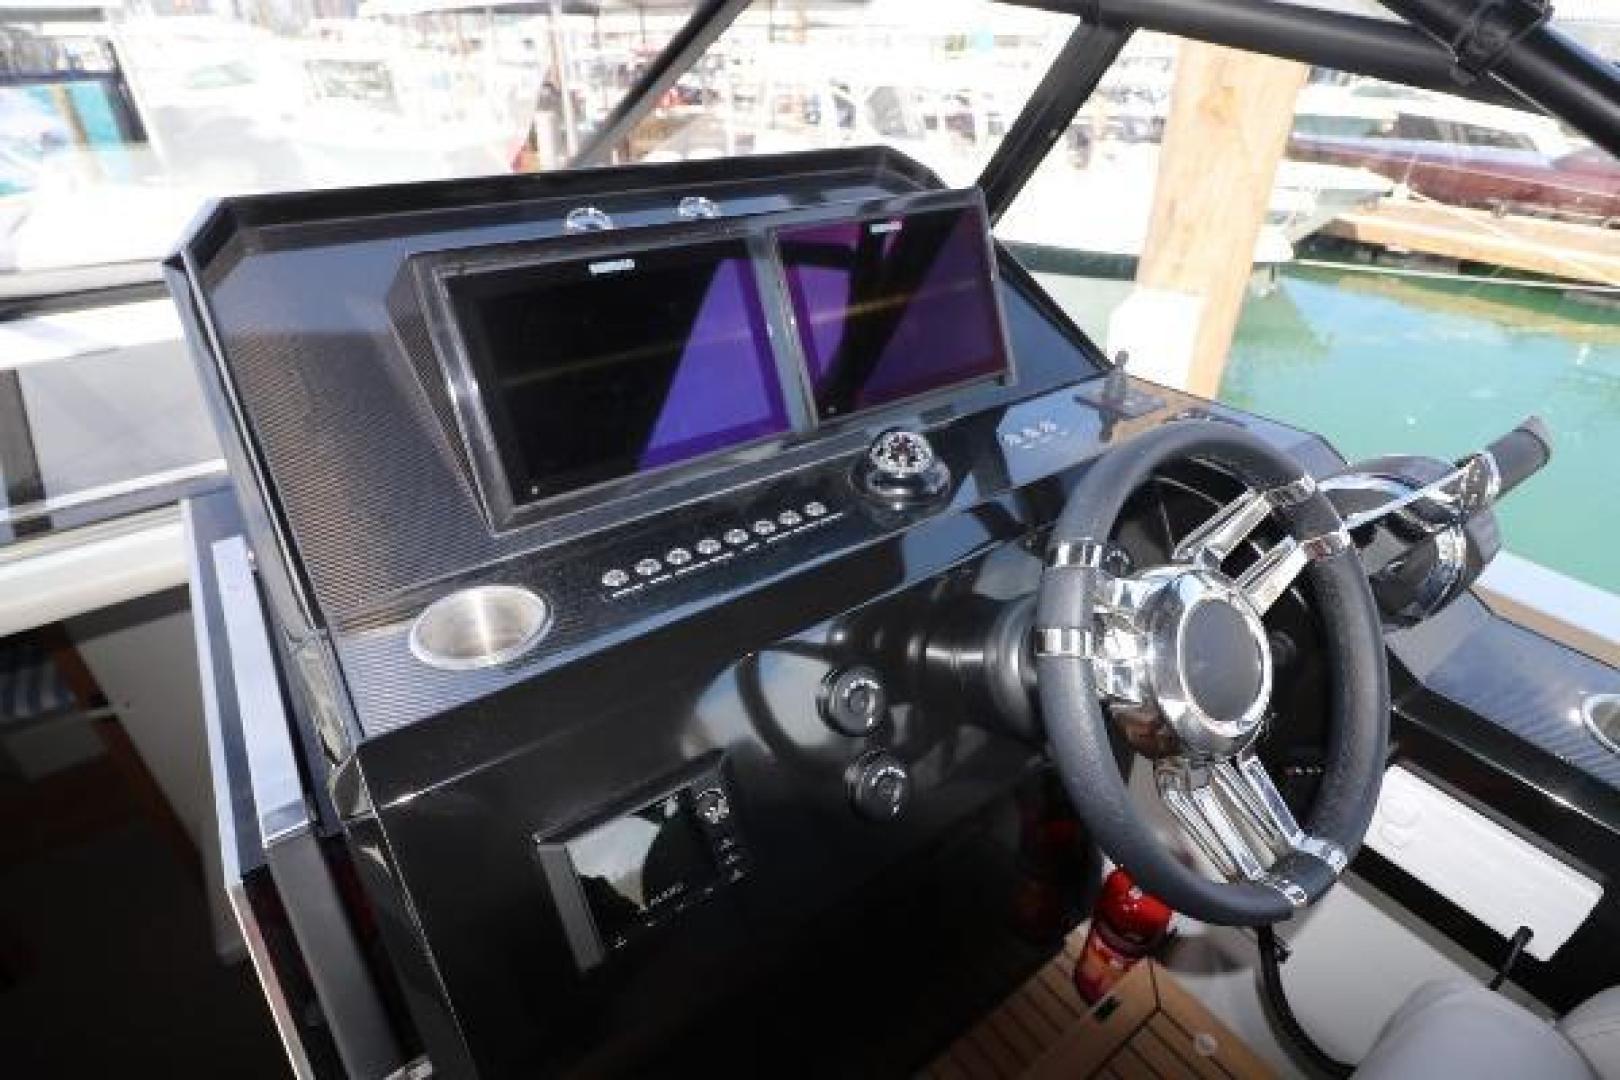 De Antonio-D46 Open 2020-De Antonio Yachts D46 Open Fort Lauderdale-Florida-United States-1523064 | Thumbnail